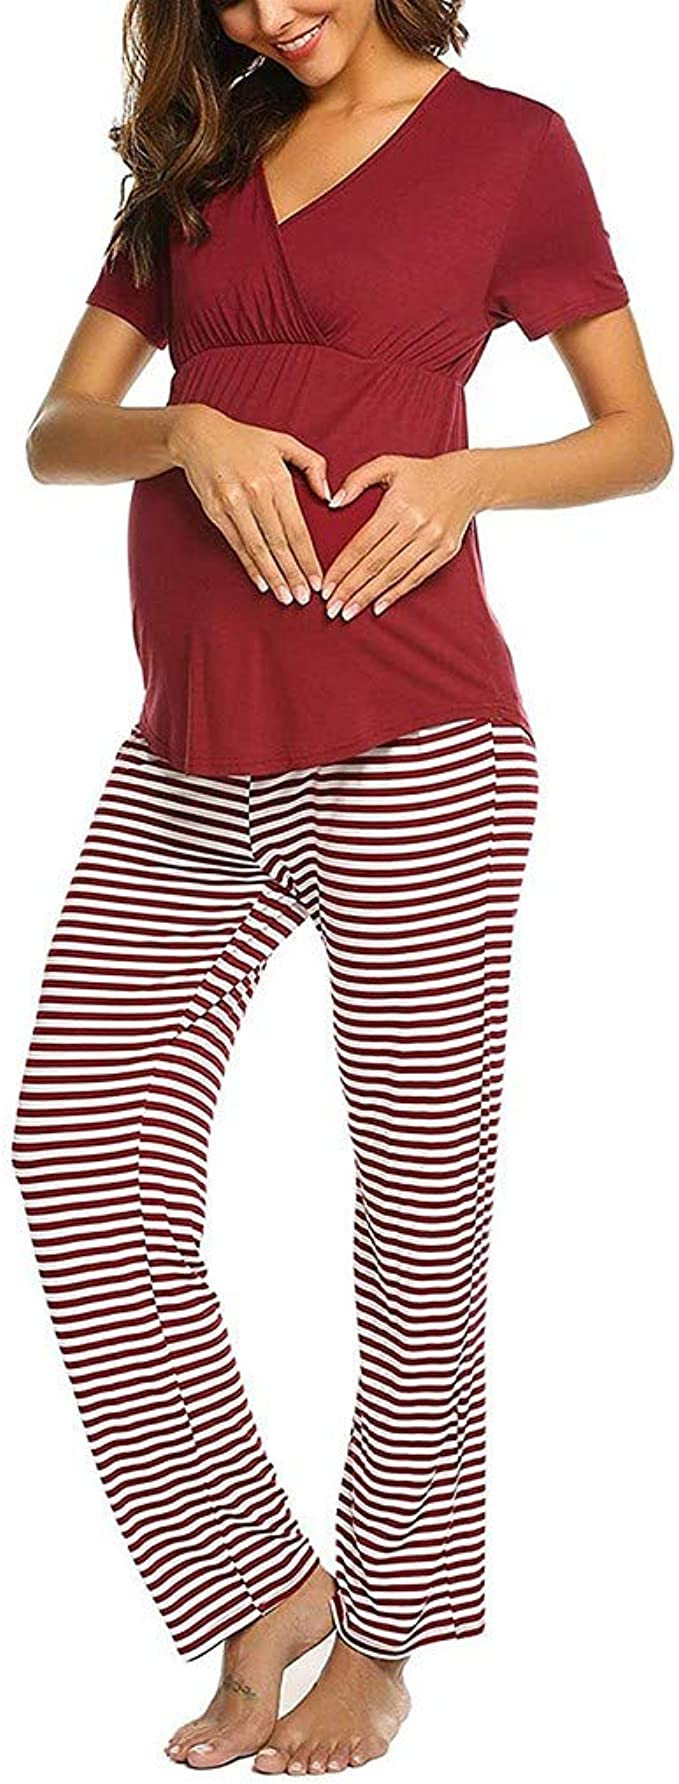 STRIR-Ropa Premamá Lactancia Mujer Pijama Conjunto ...